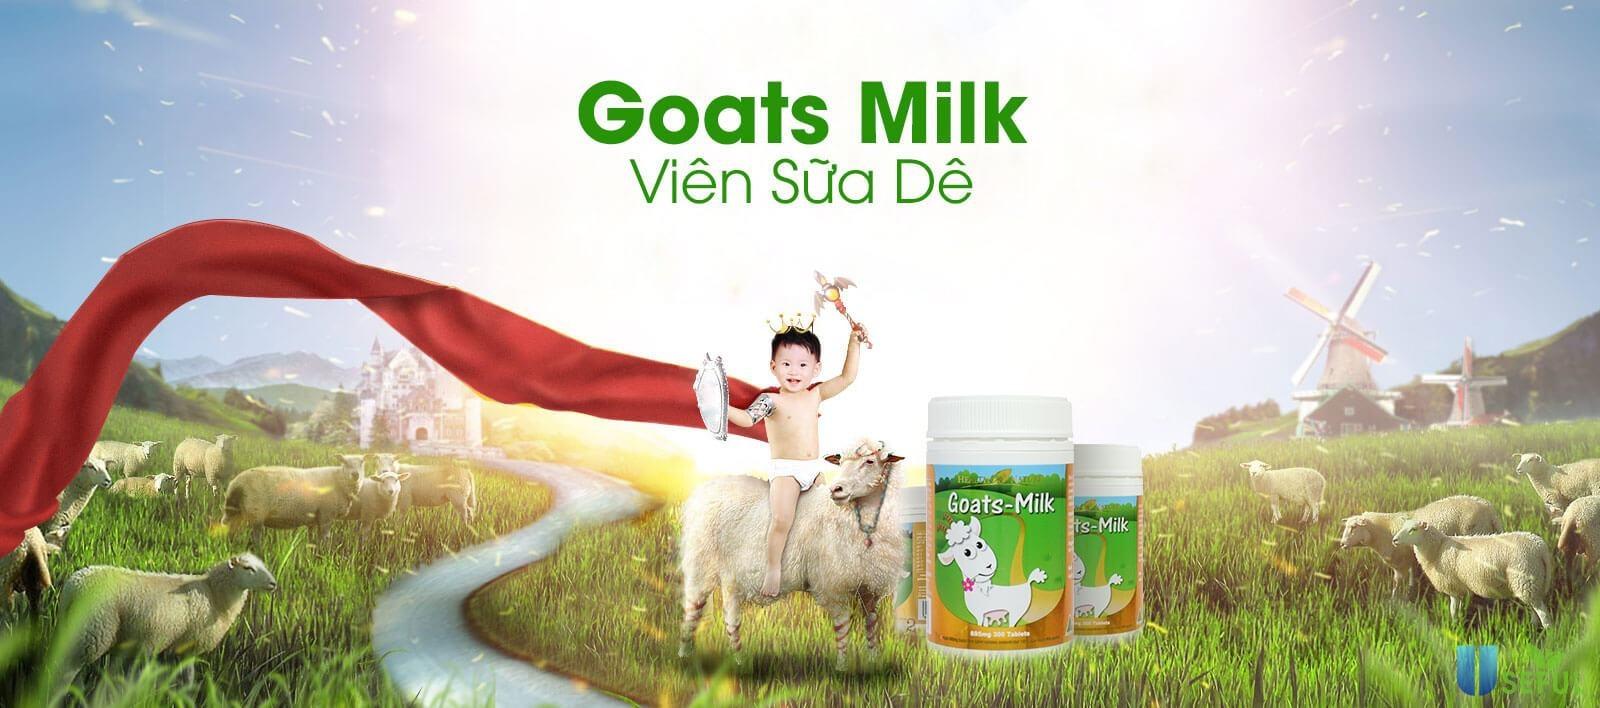 Sữa dê tốt cho trẻ nhỏ